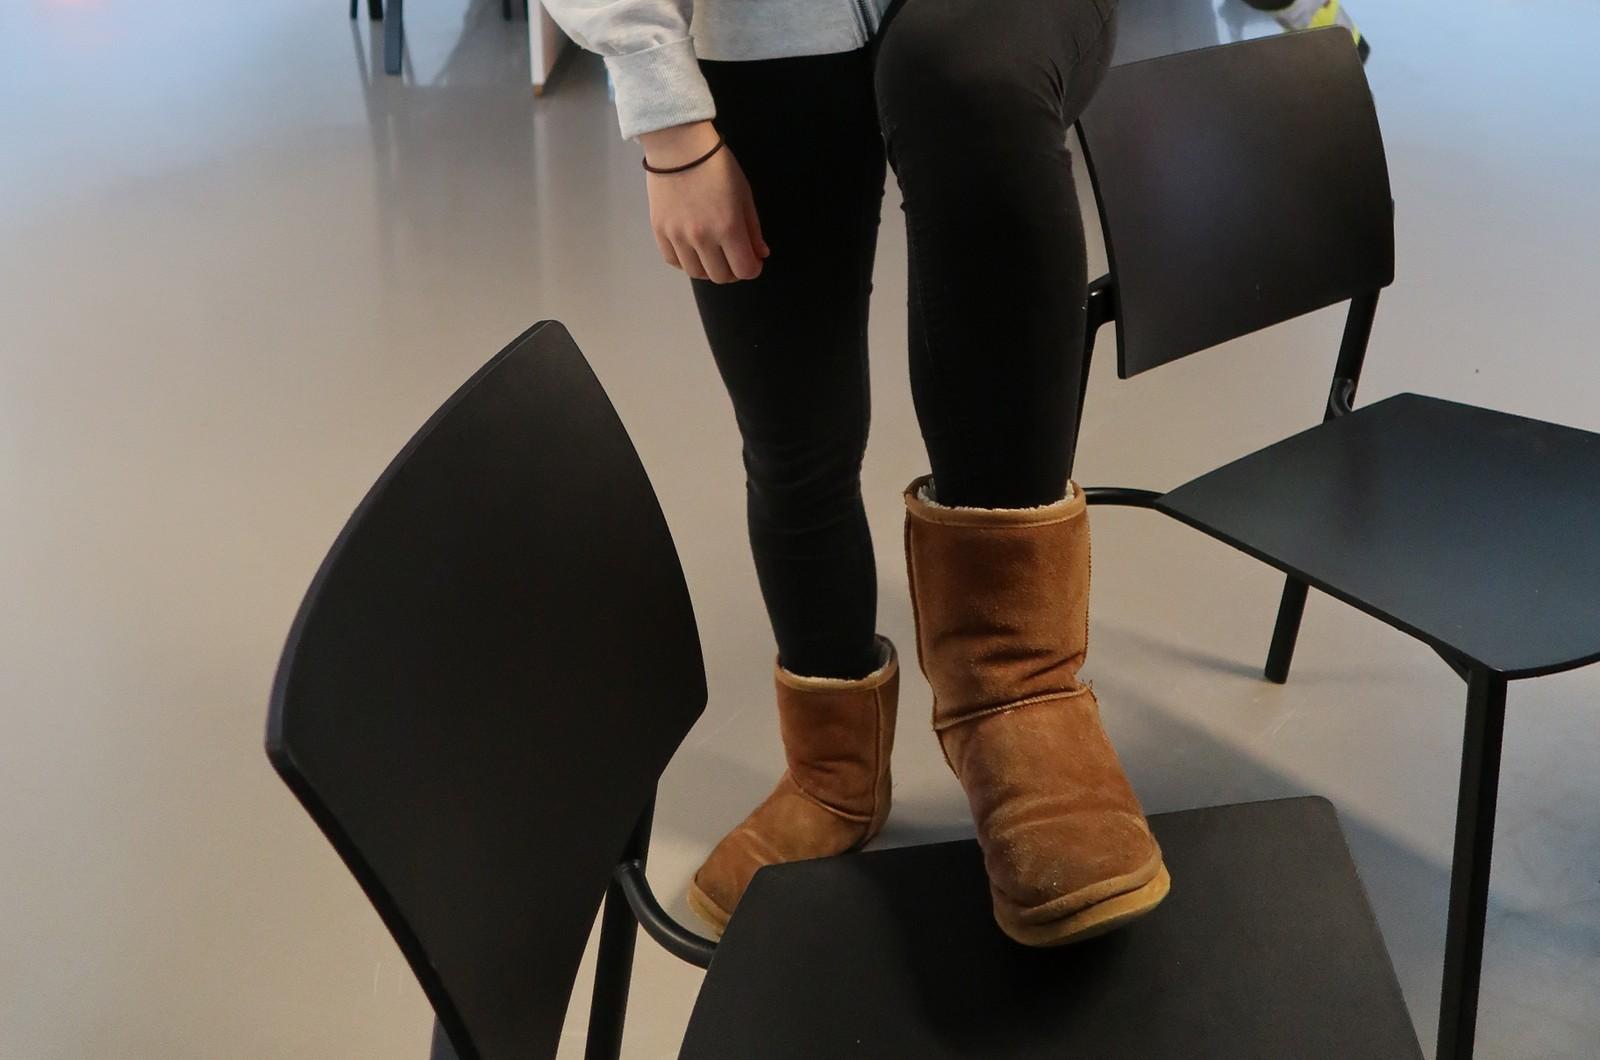 Silje Wilson Nordby sier hun hadde på seg sneakers første snødag, men i dag har hun på seg vintersko. – Jeg har kommet i den alderen at det går fint. Jeg ble så blaut på beina, sier Silje.